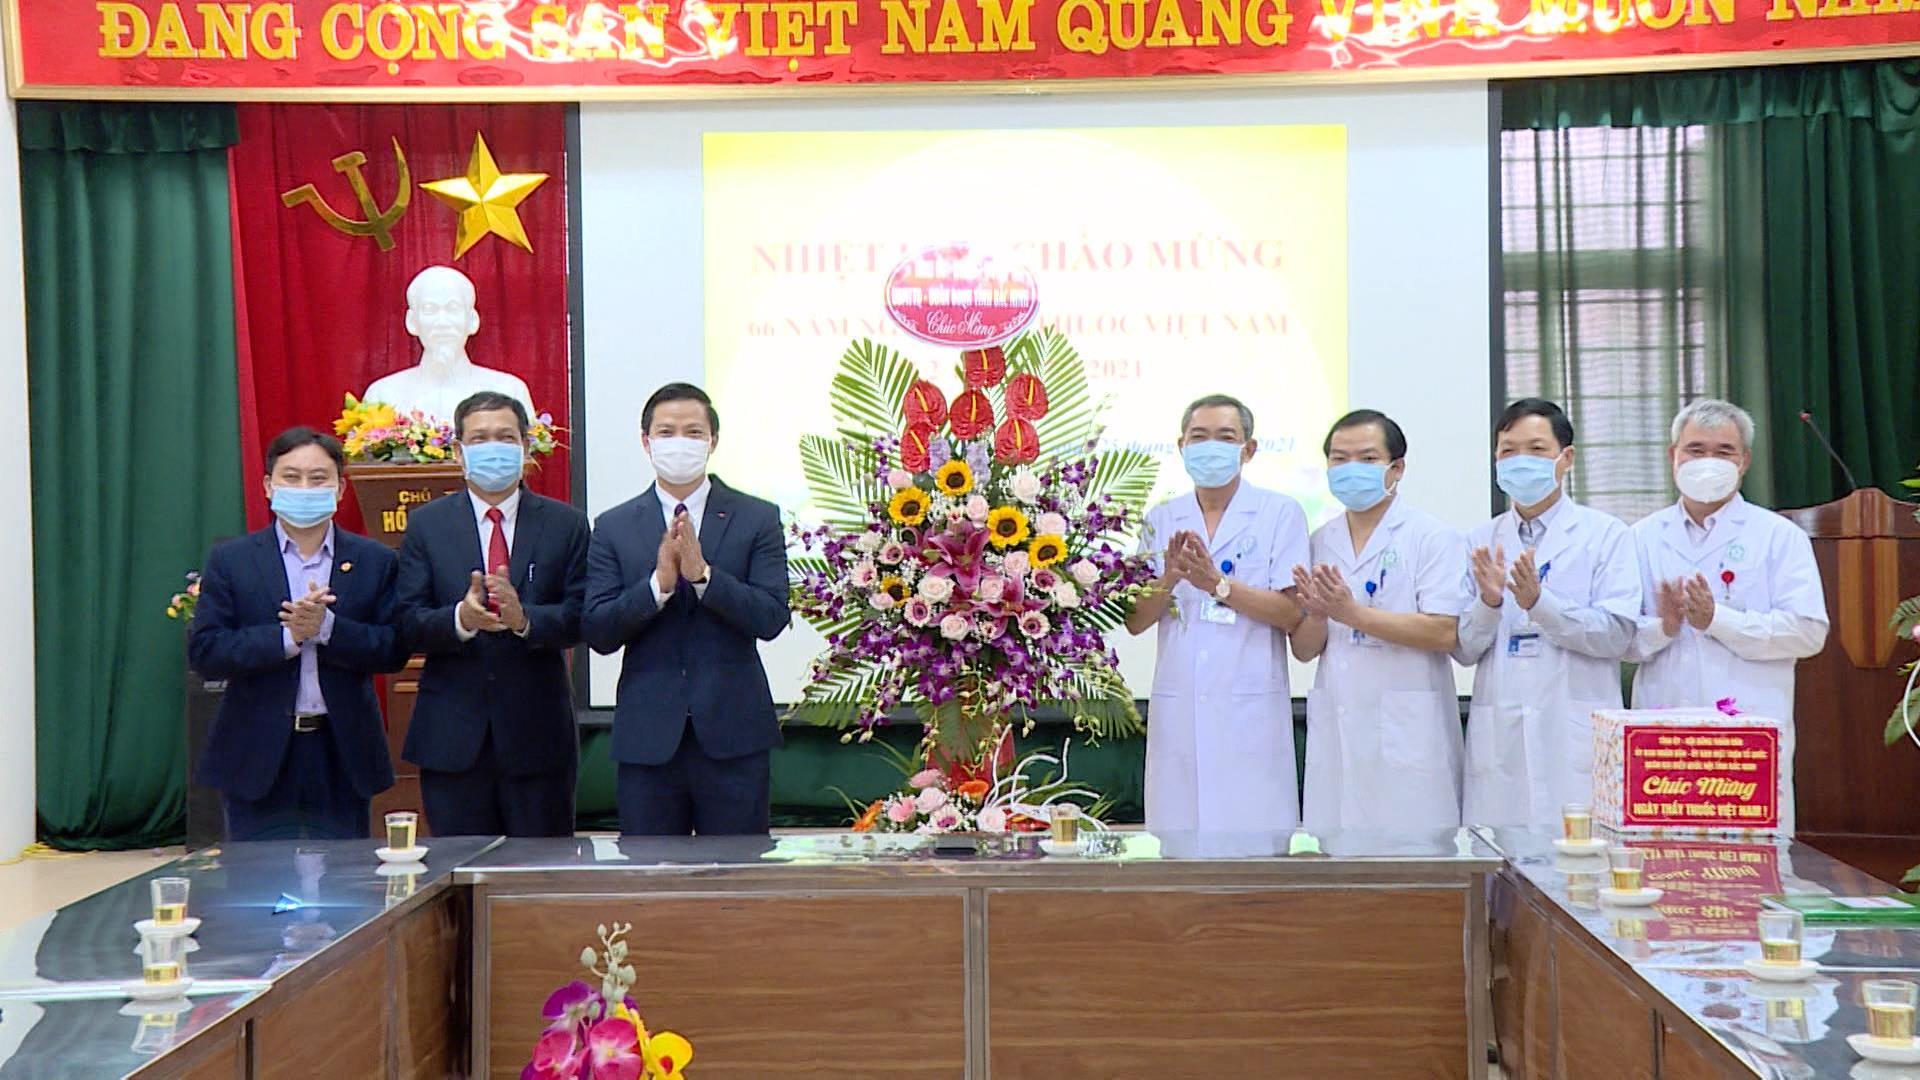 Đồng chí Vương Quốc Tuấn thăm động viên Trung tâm Y tế Lương Tài